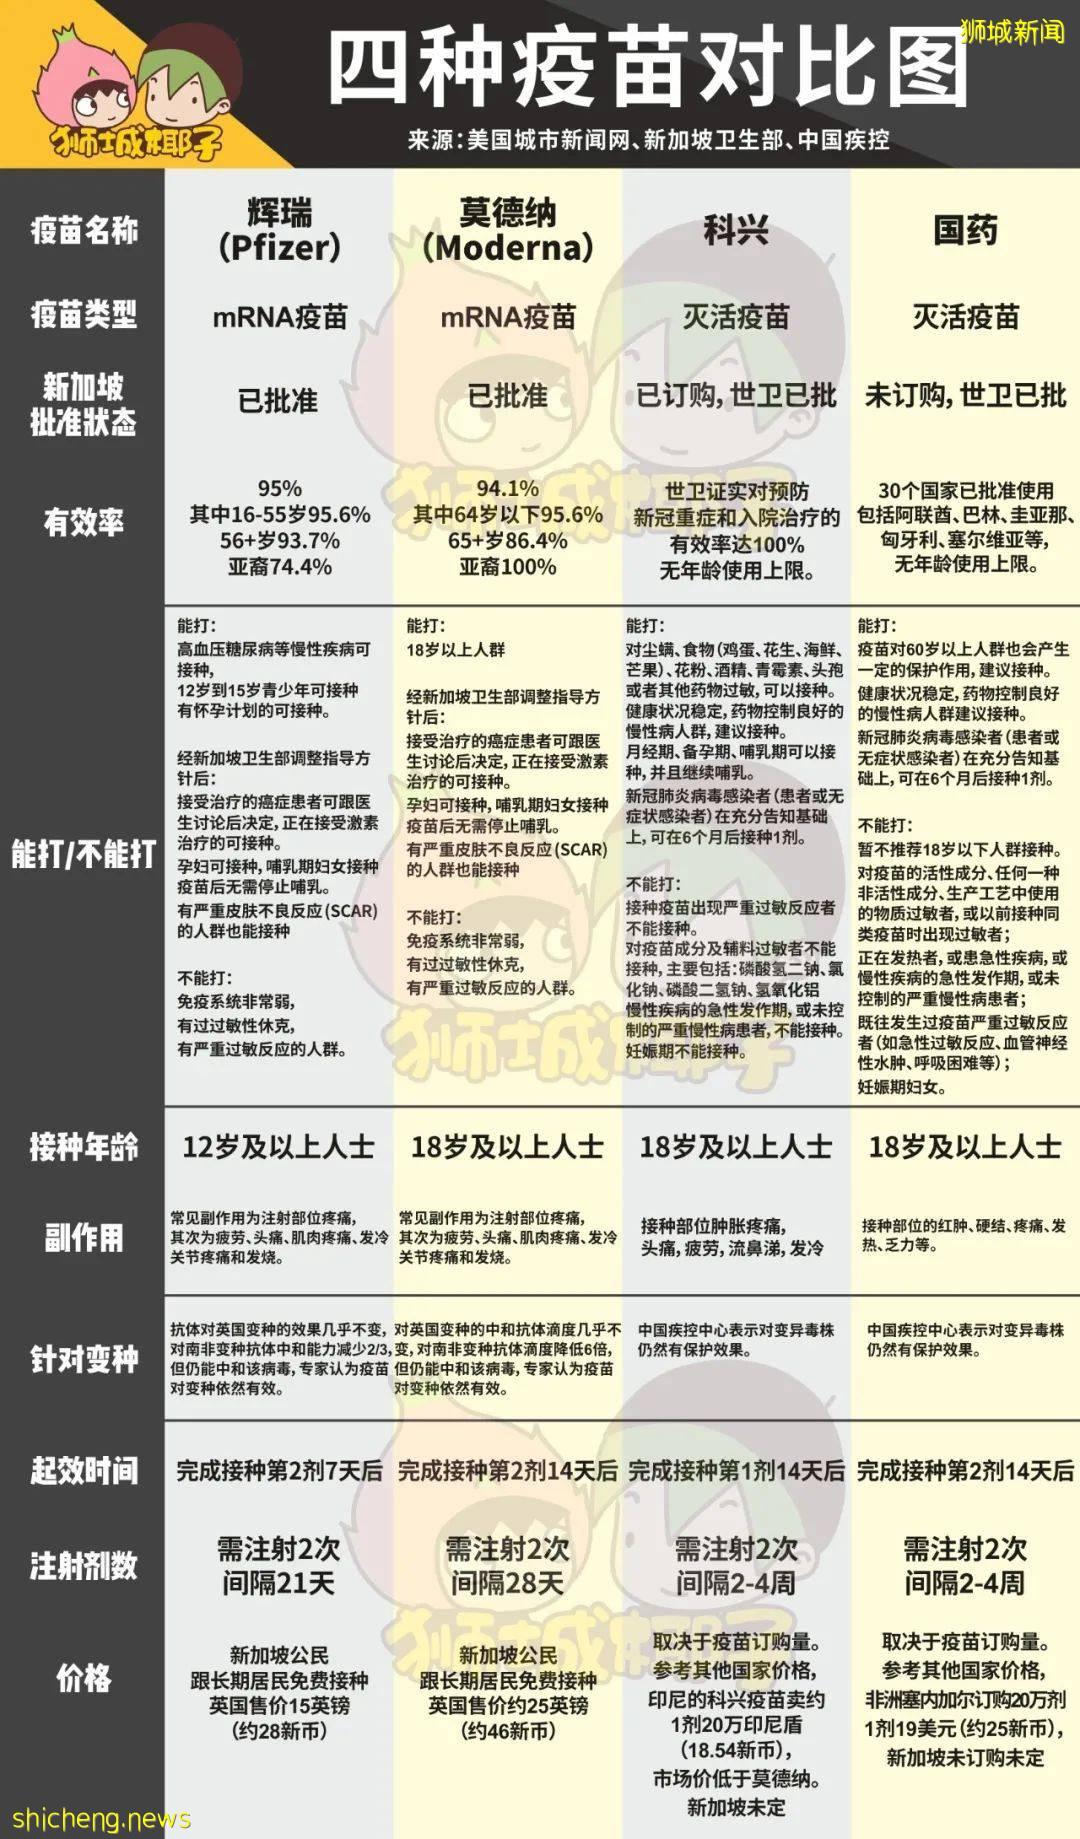 世卫正式批准!新加坡官宣可接种中国疫苗,科兴已到货,够给10万人接种